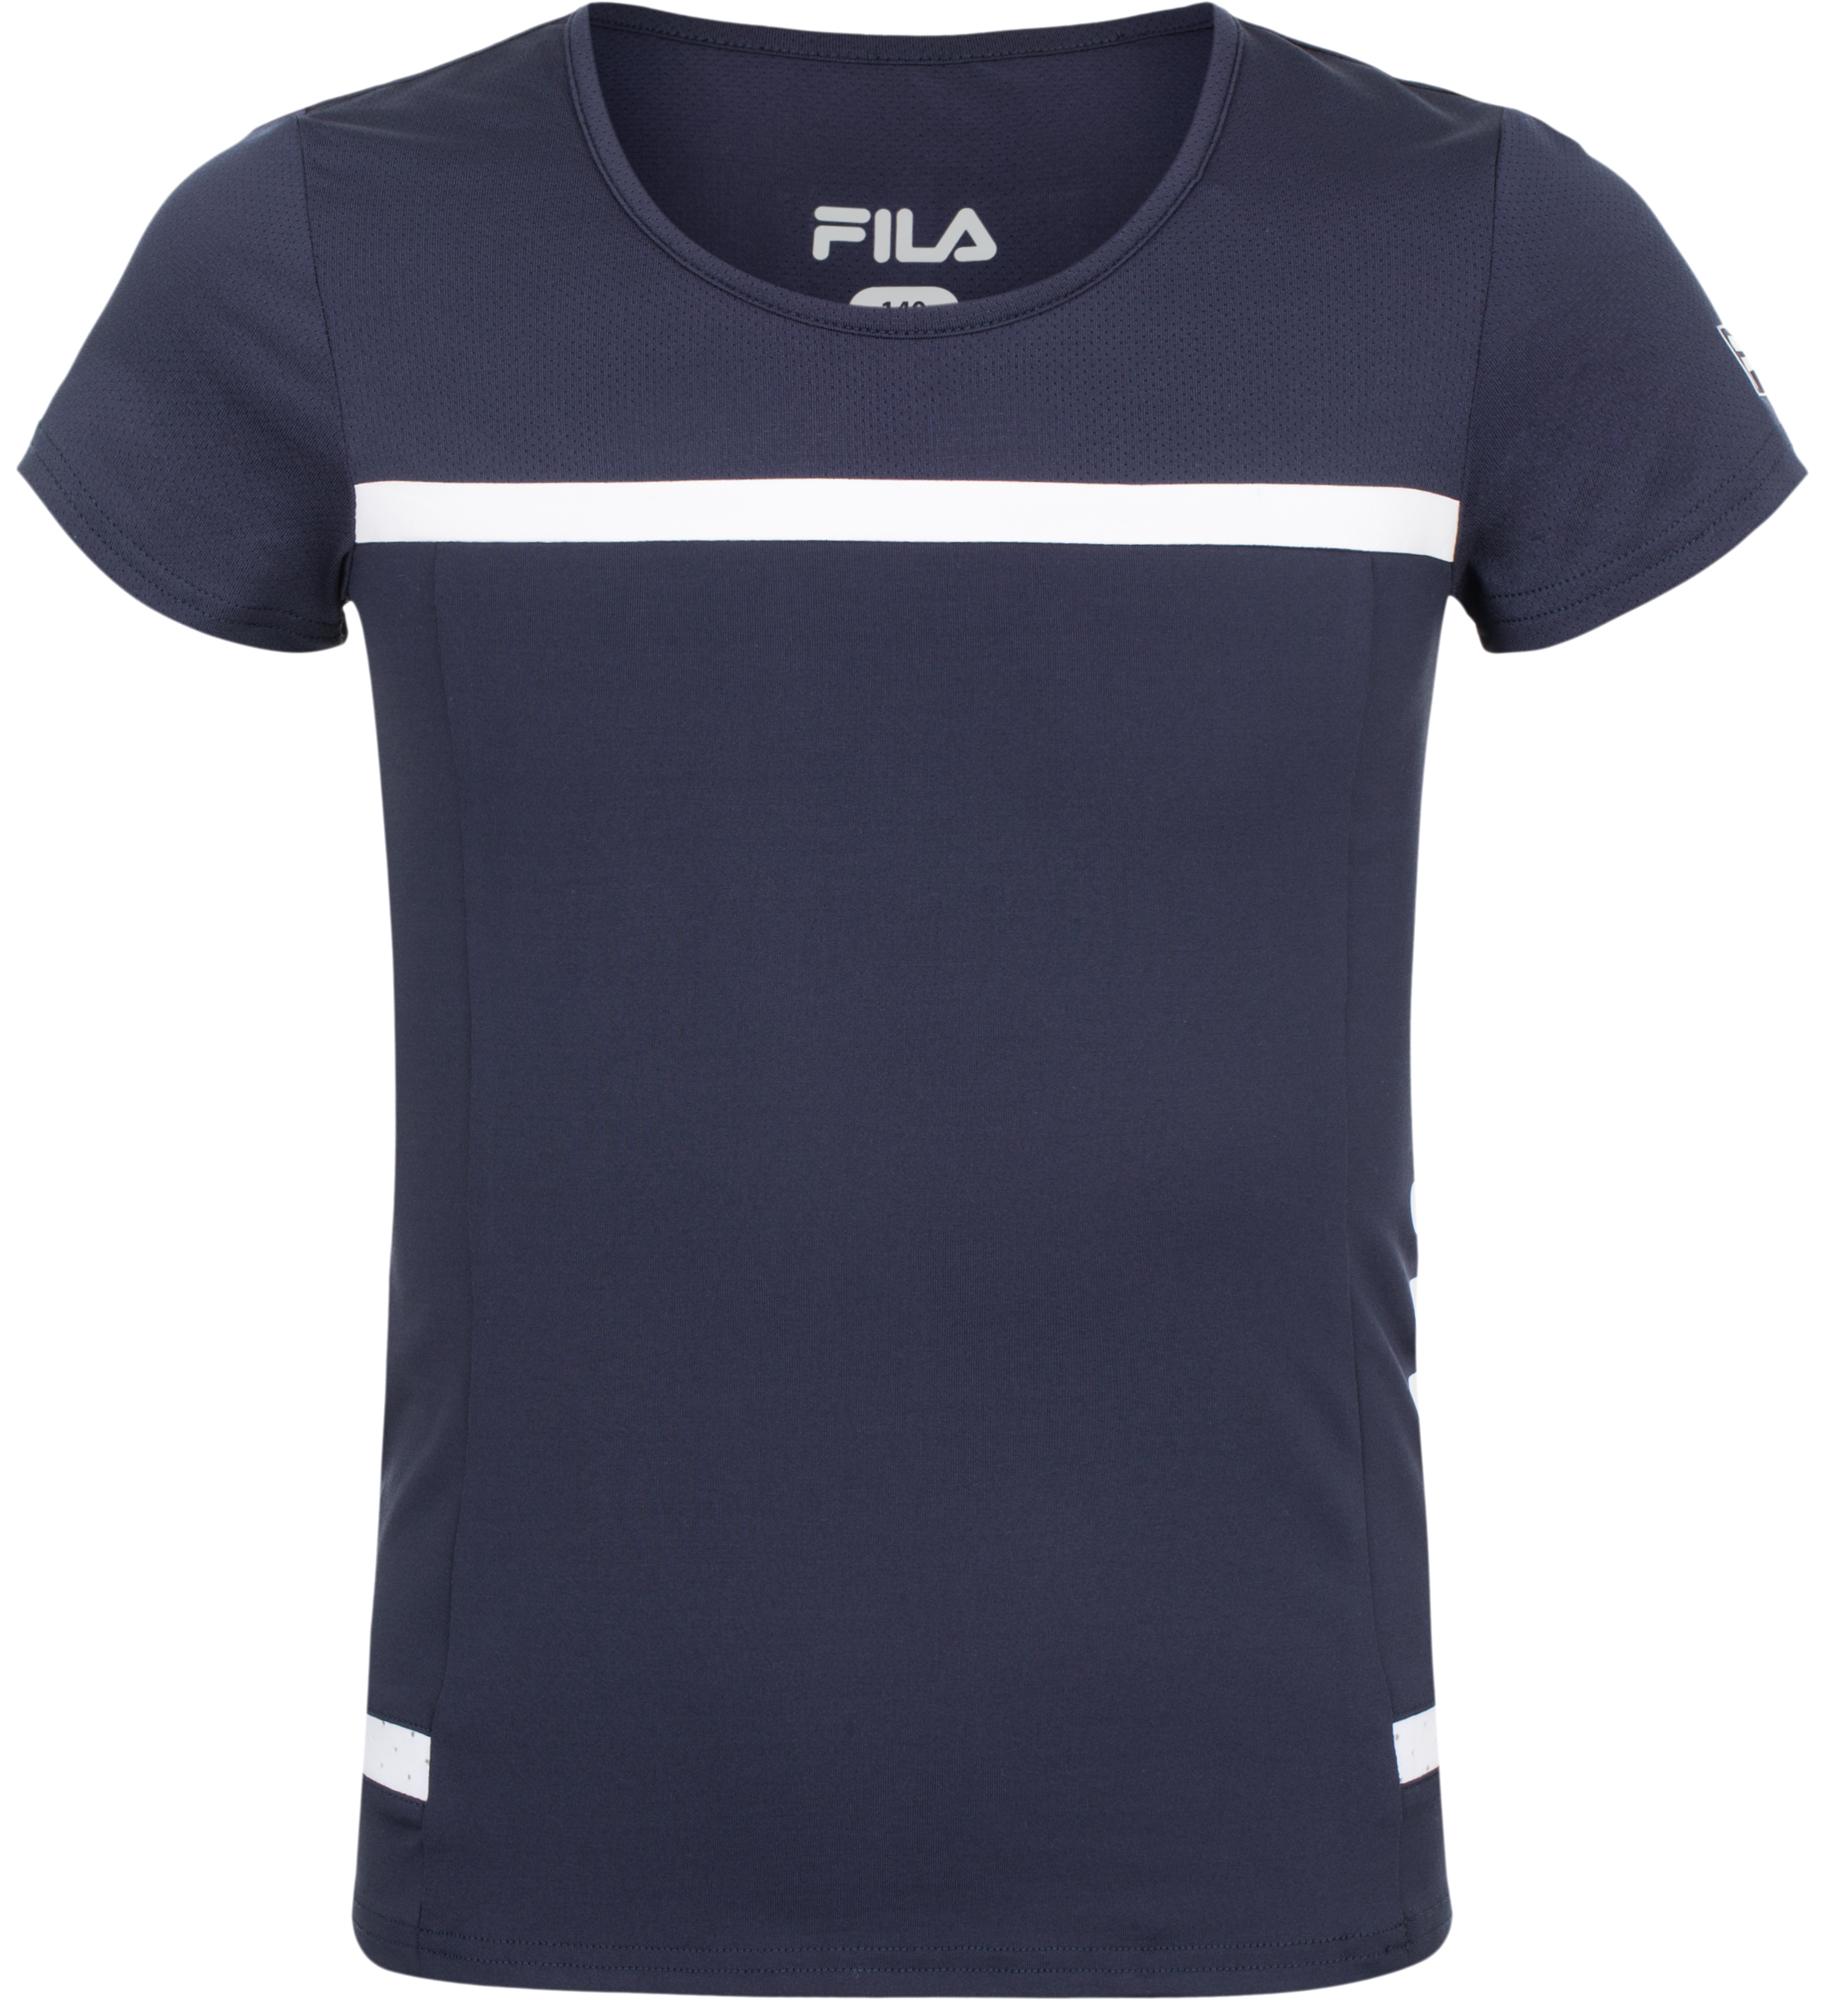 Fila Футболка для девочек Fila, размер 164